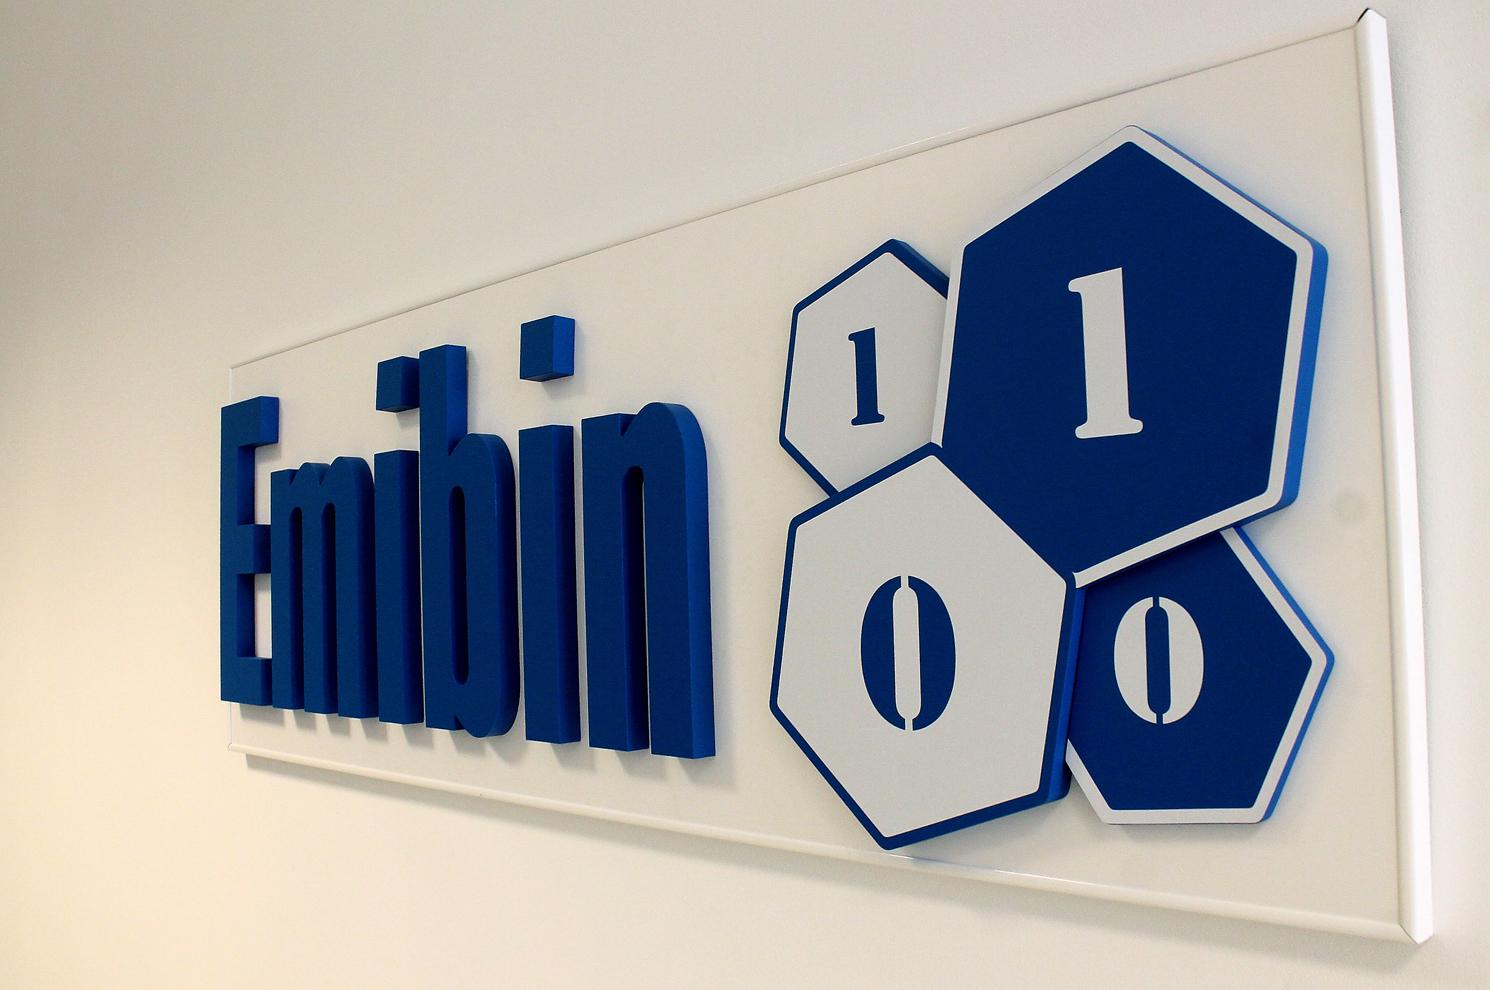 Emibin es una compañía líder en mantenimiento informático a empresas